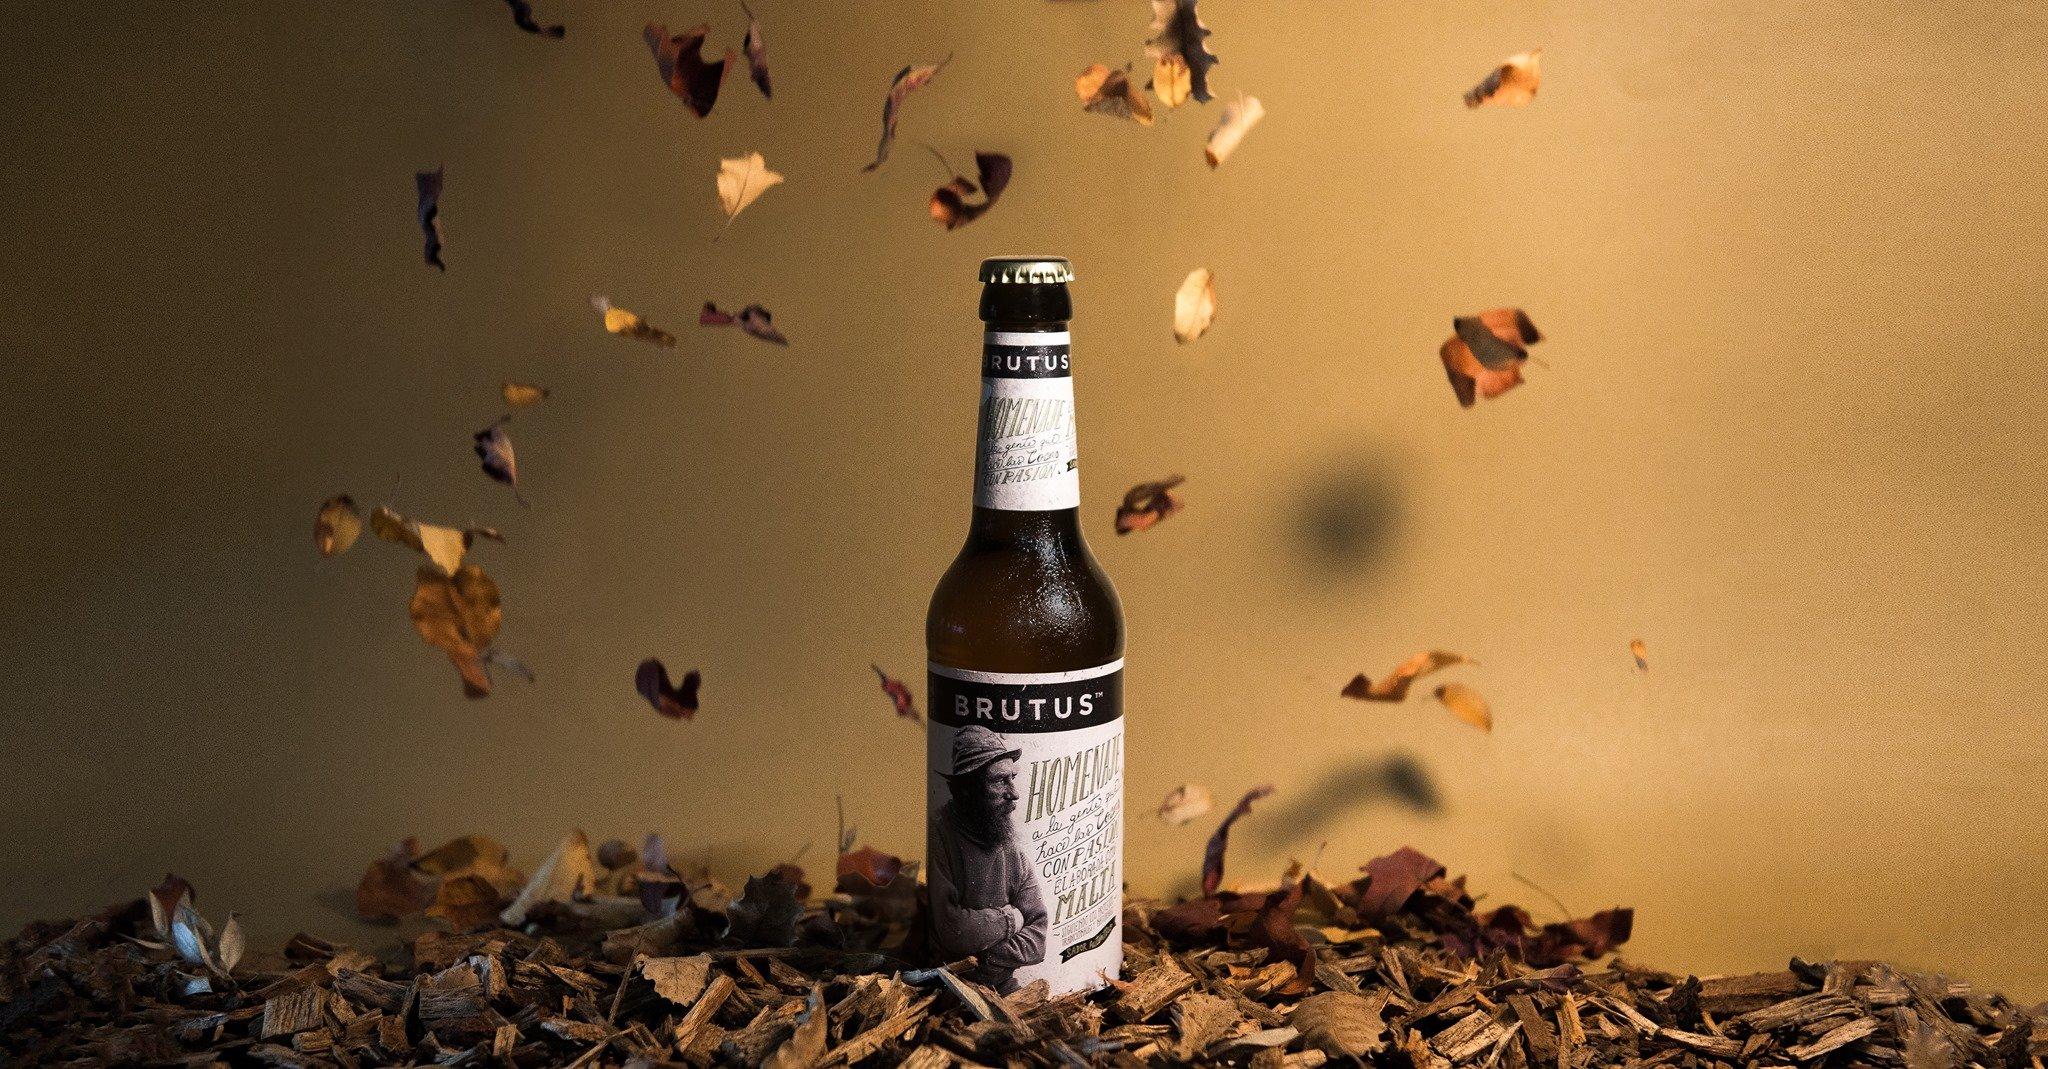 Brutus The Beer, un homenaje a la gente que hace las cosas con pasión